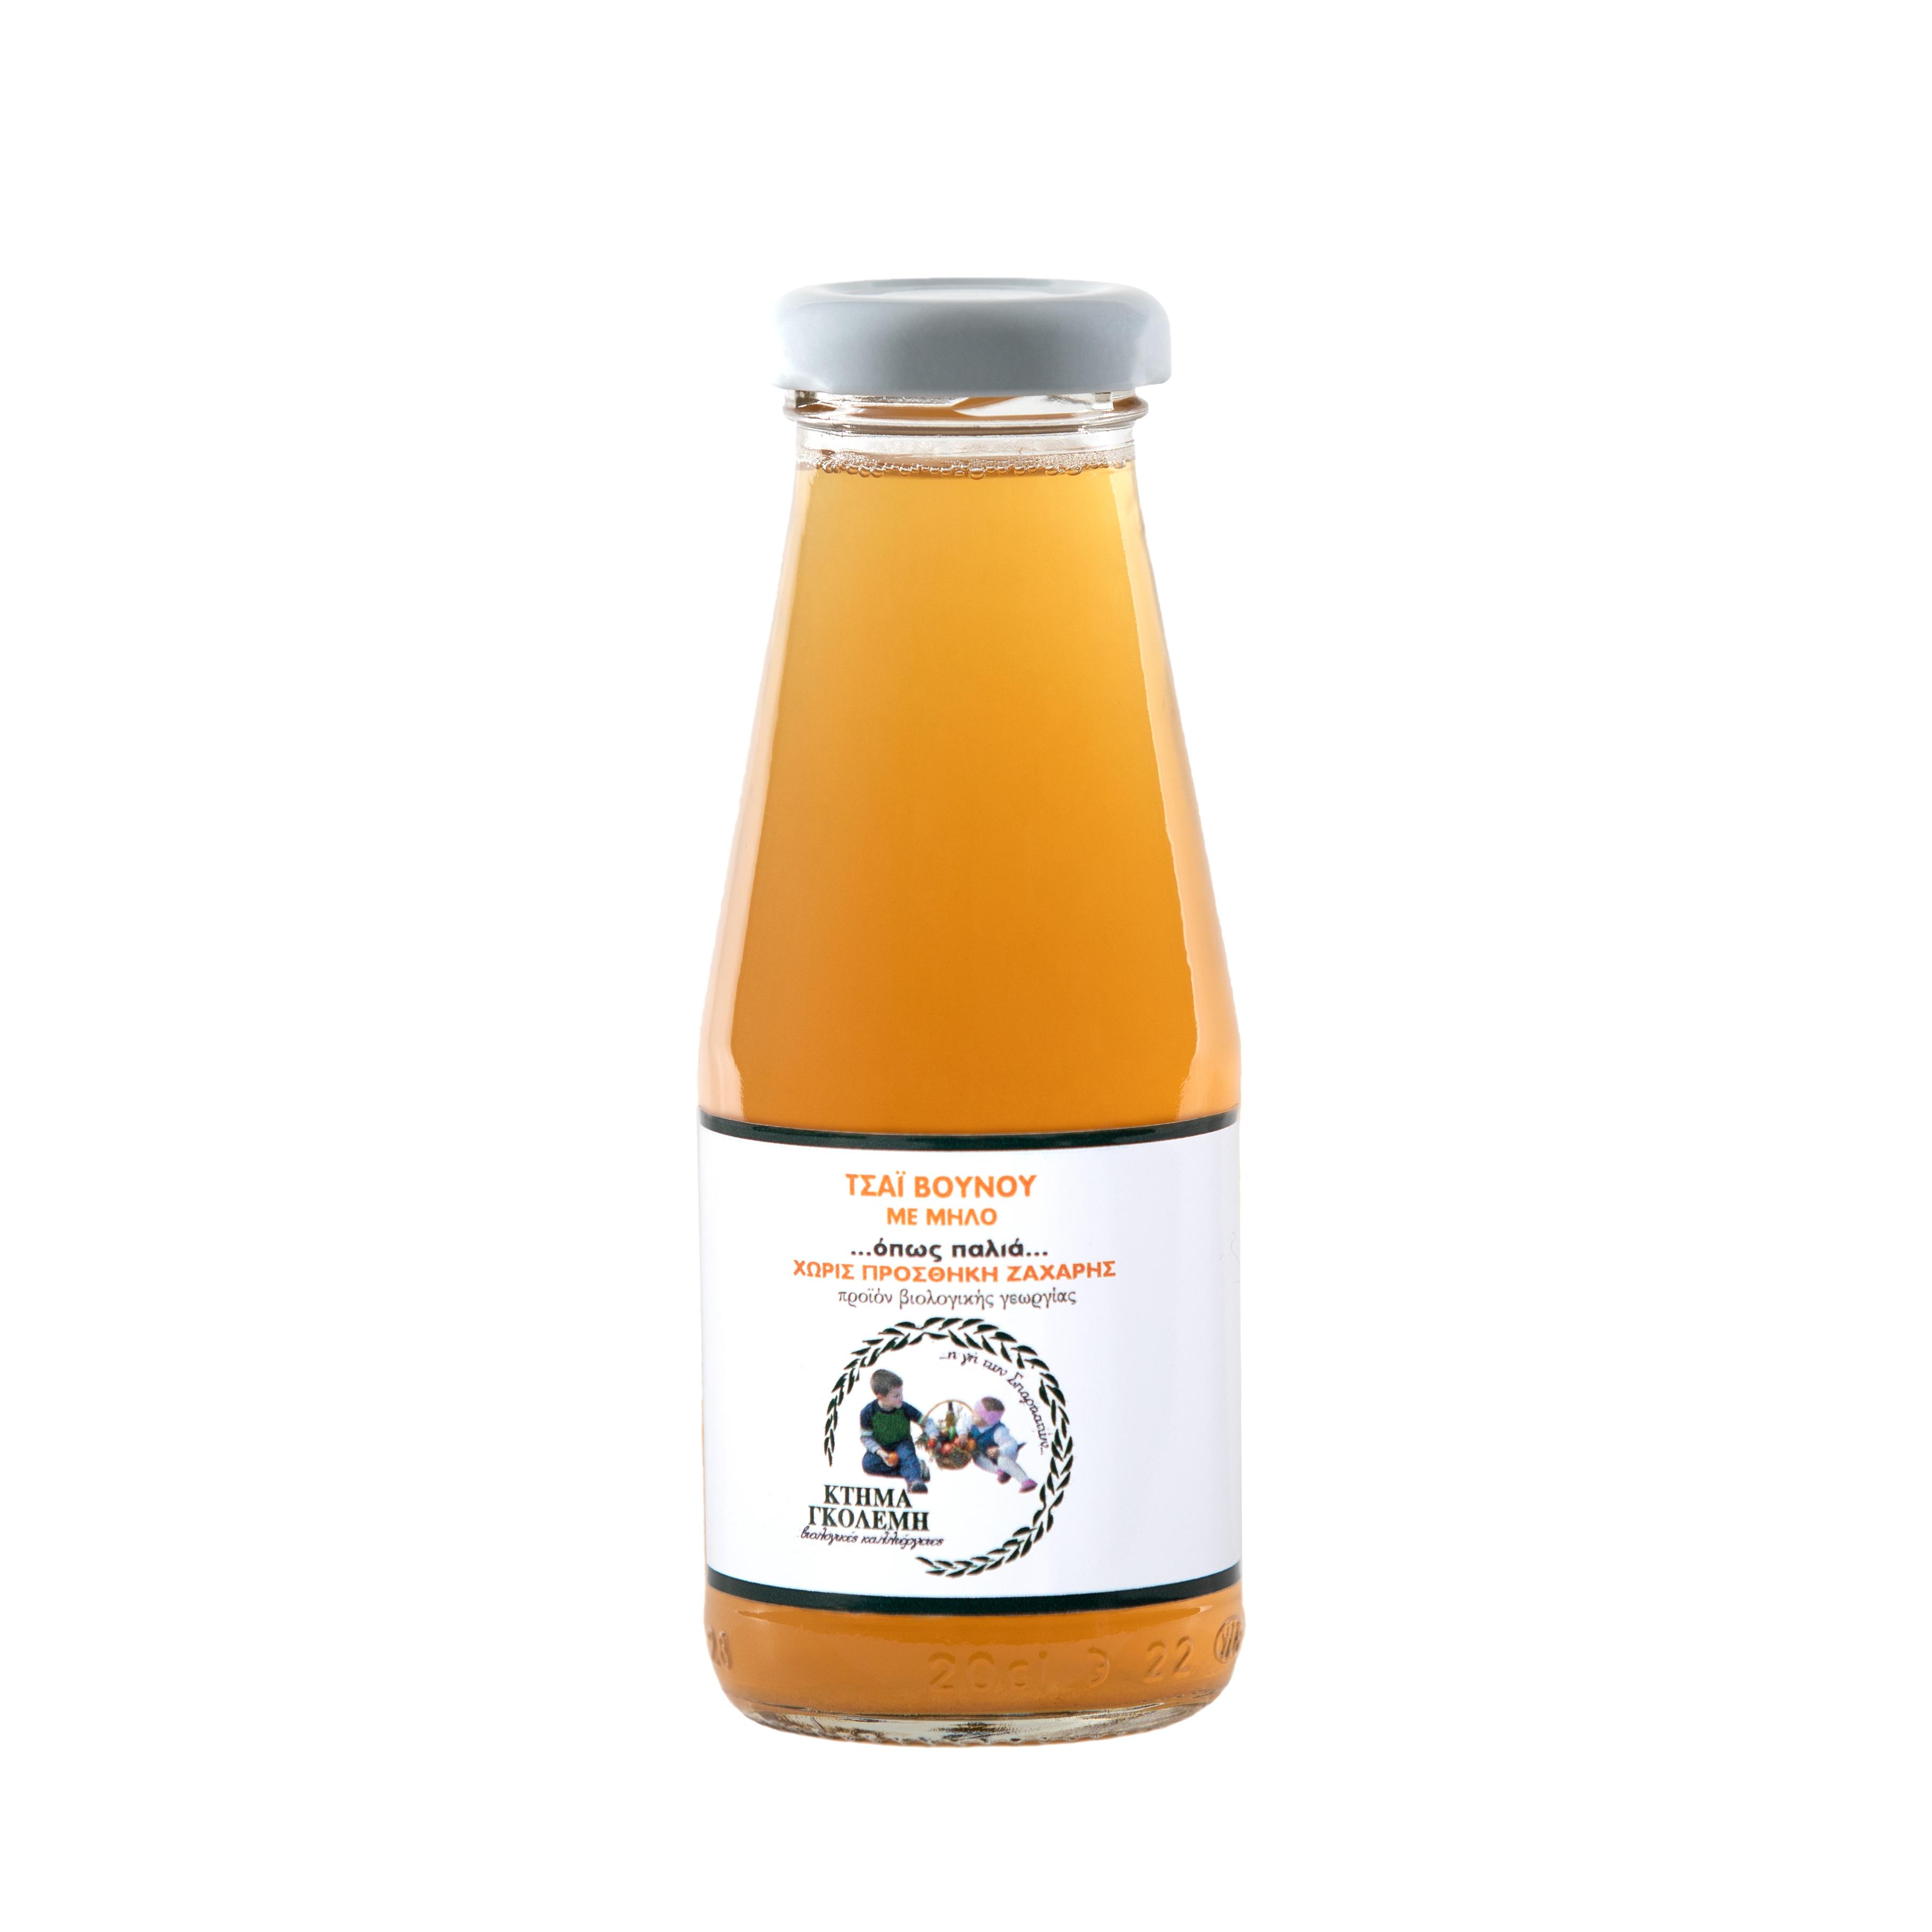 Τσάι Βουνού Μήλο